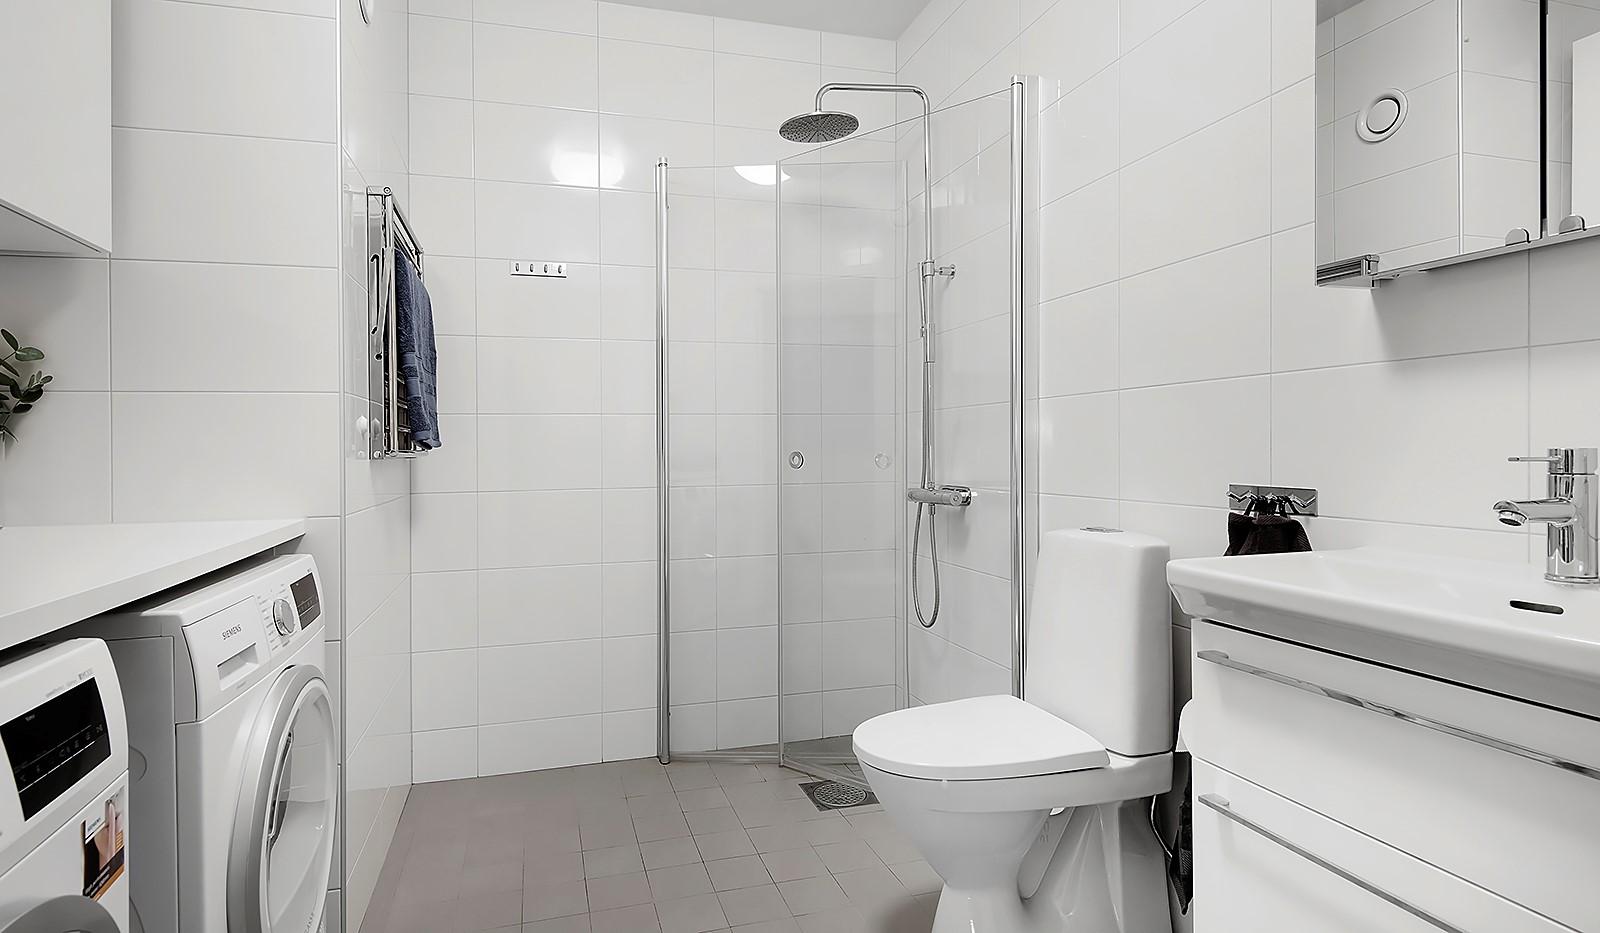 Oskarslundsbacken 1, 2tr - Stilrent badrum med himmeldusch, tvättmaskin och torktumlare